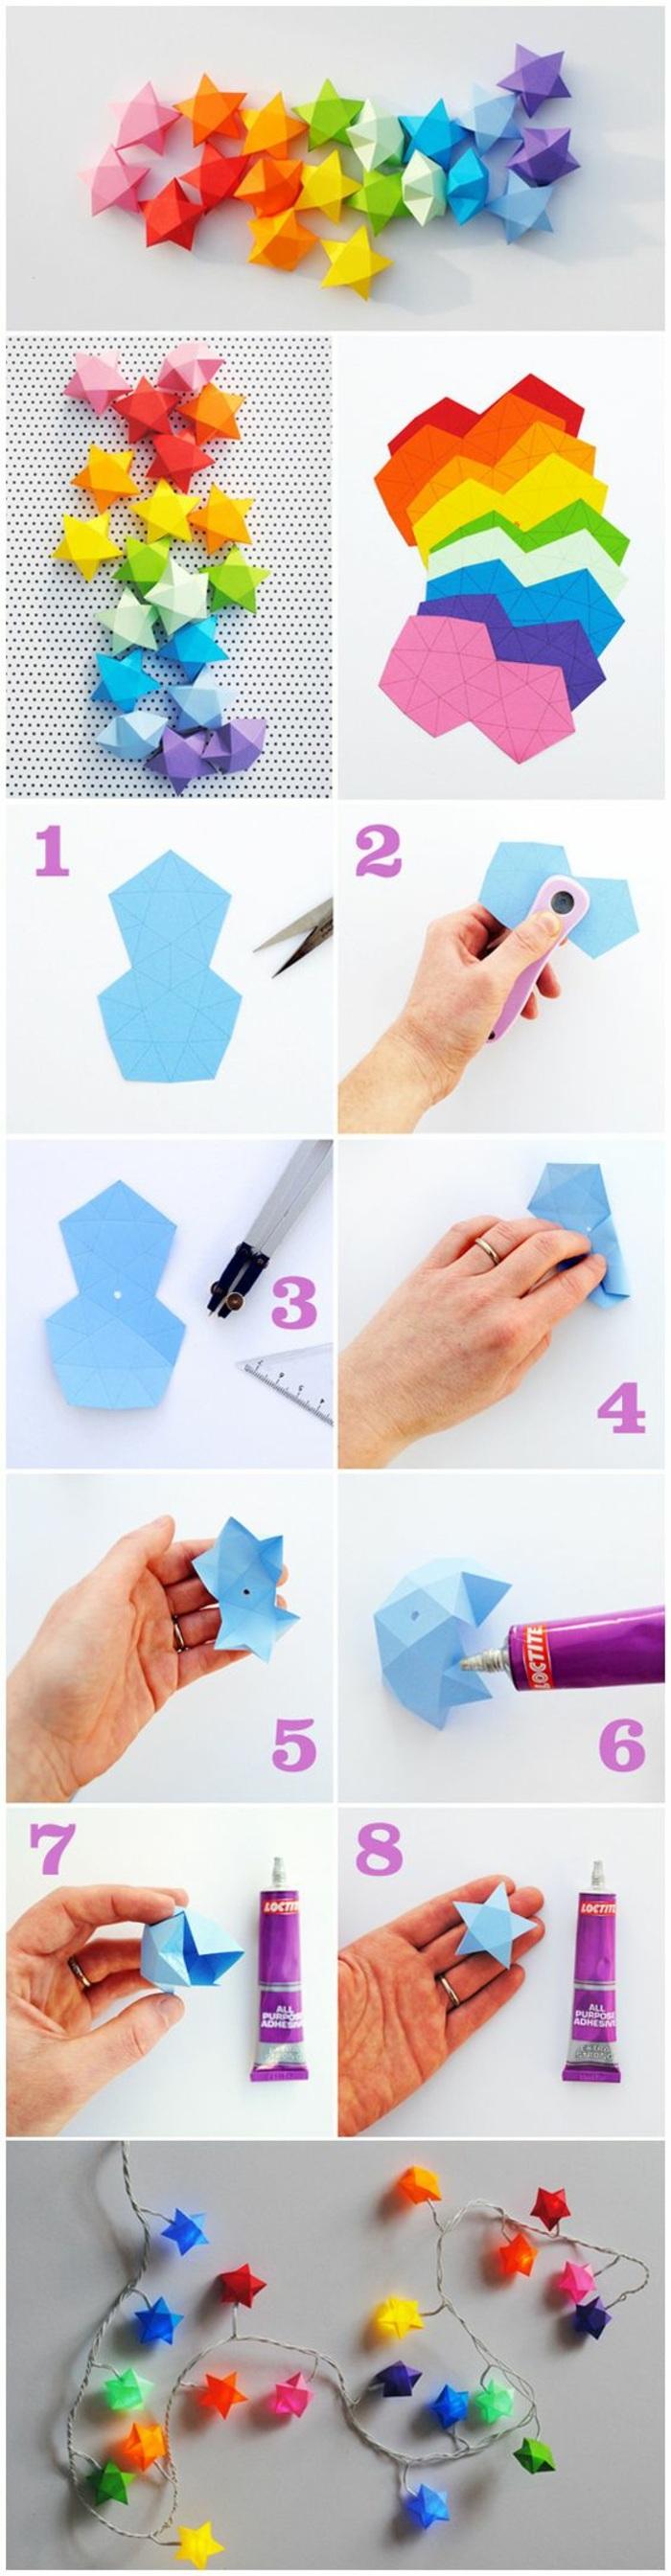 interesantes propuestas de talleres para niños, guirnalda colorida de papel en forma de estrellas, manualidades rápidas y originales